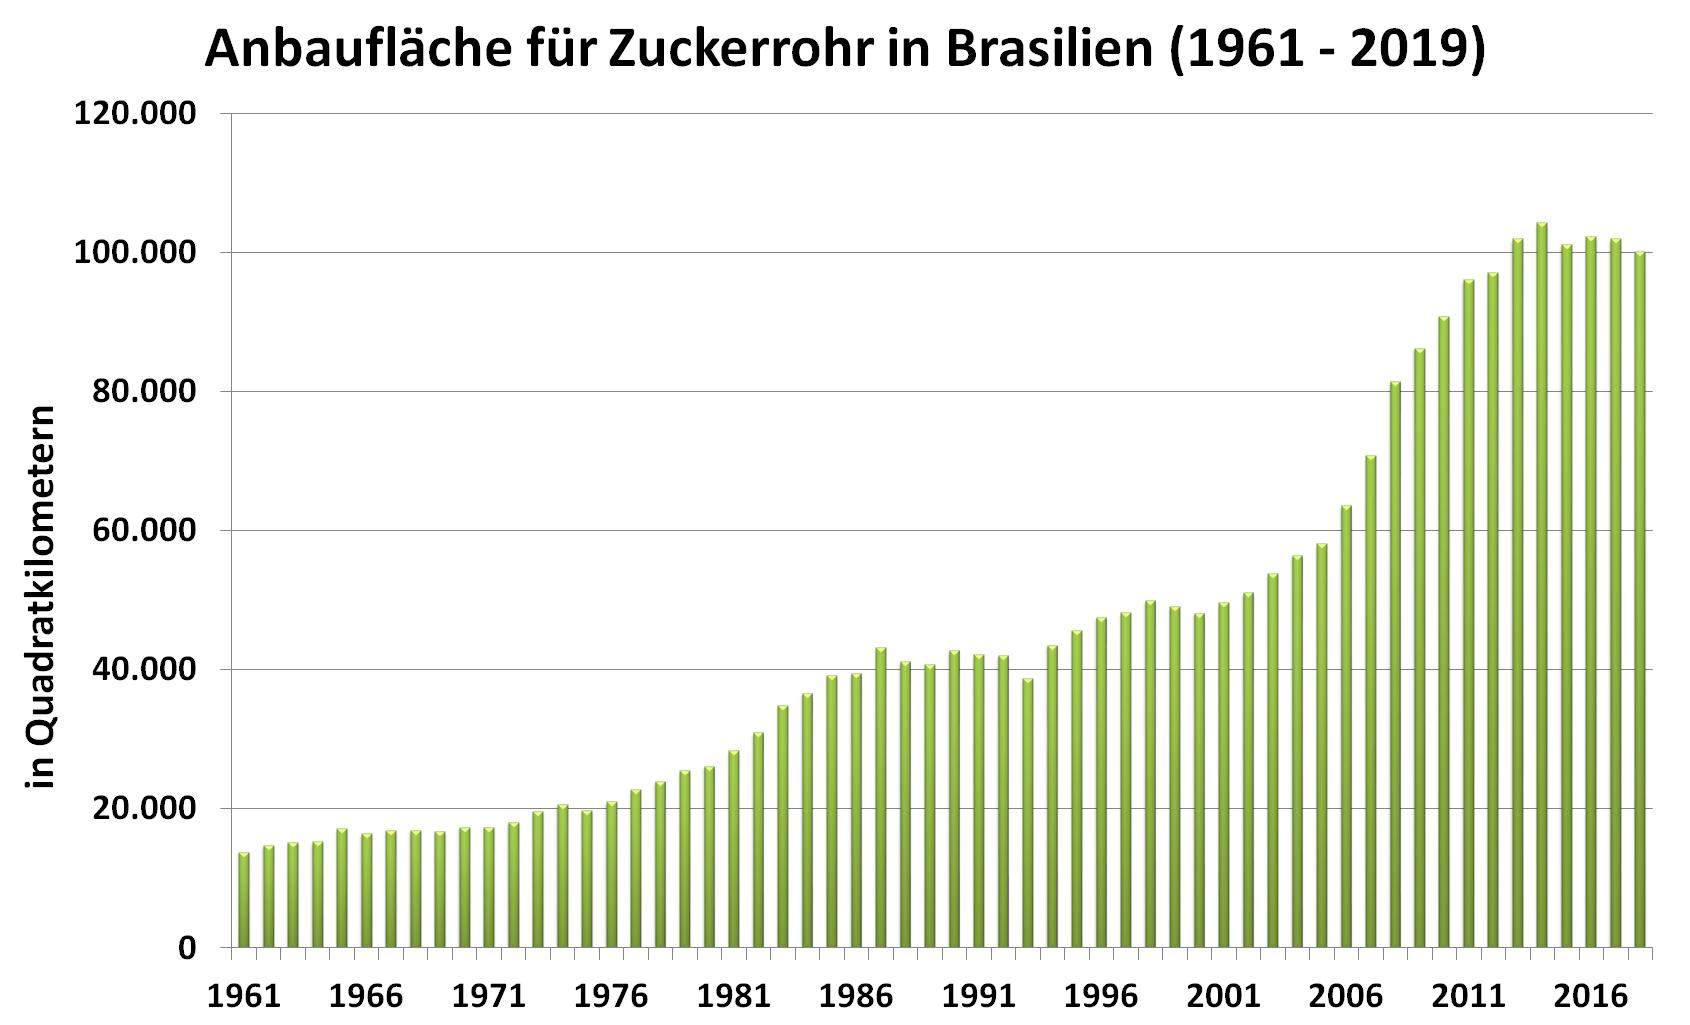 Grafik: Anbaufläche für Zuckerrohr in Brasilien (1961 - 2019)